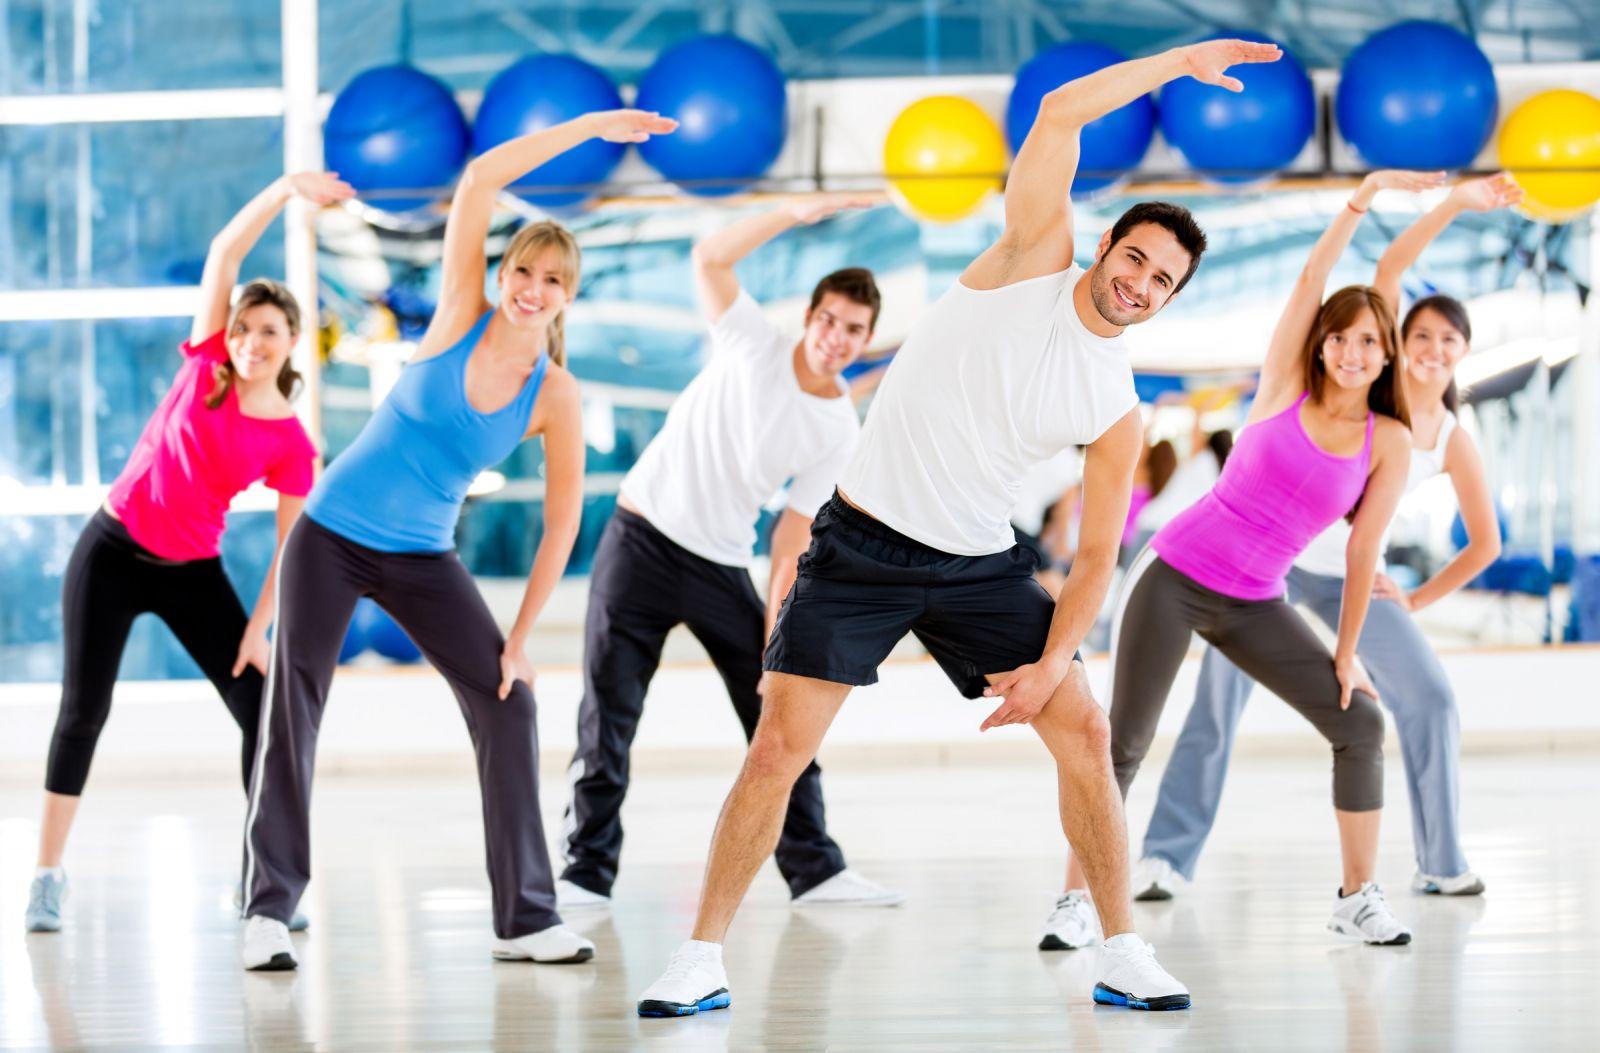 Rèn luyện thể dục giúp kiểm soát chỉ số huyết áp